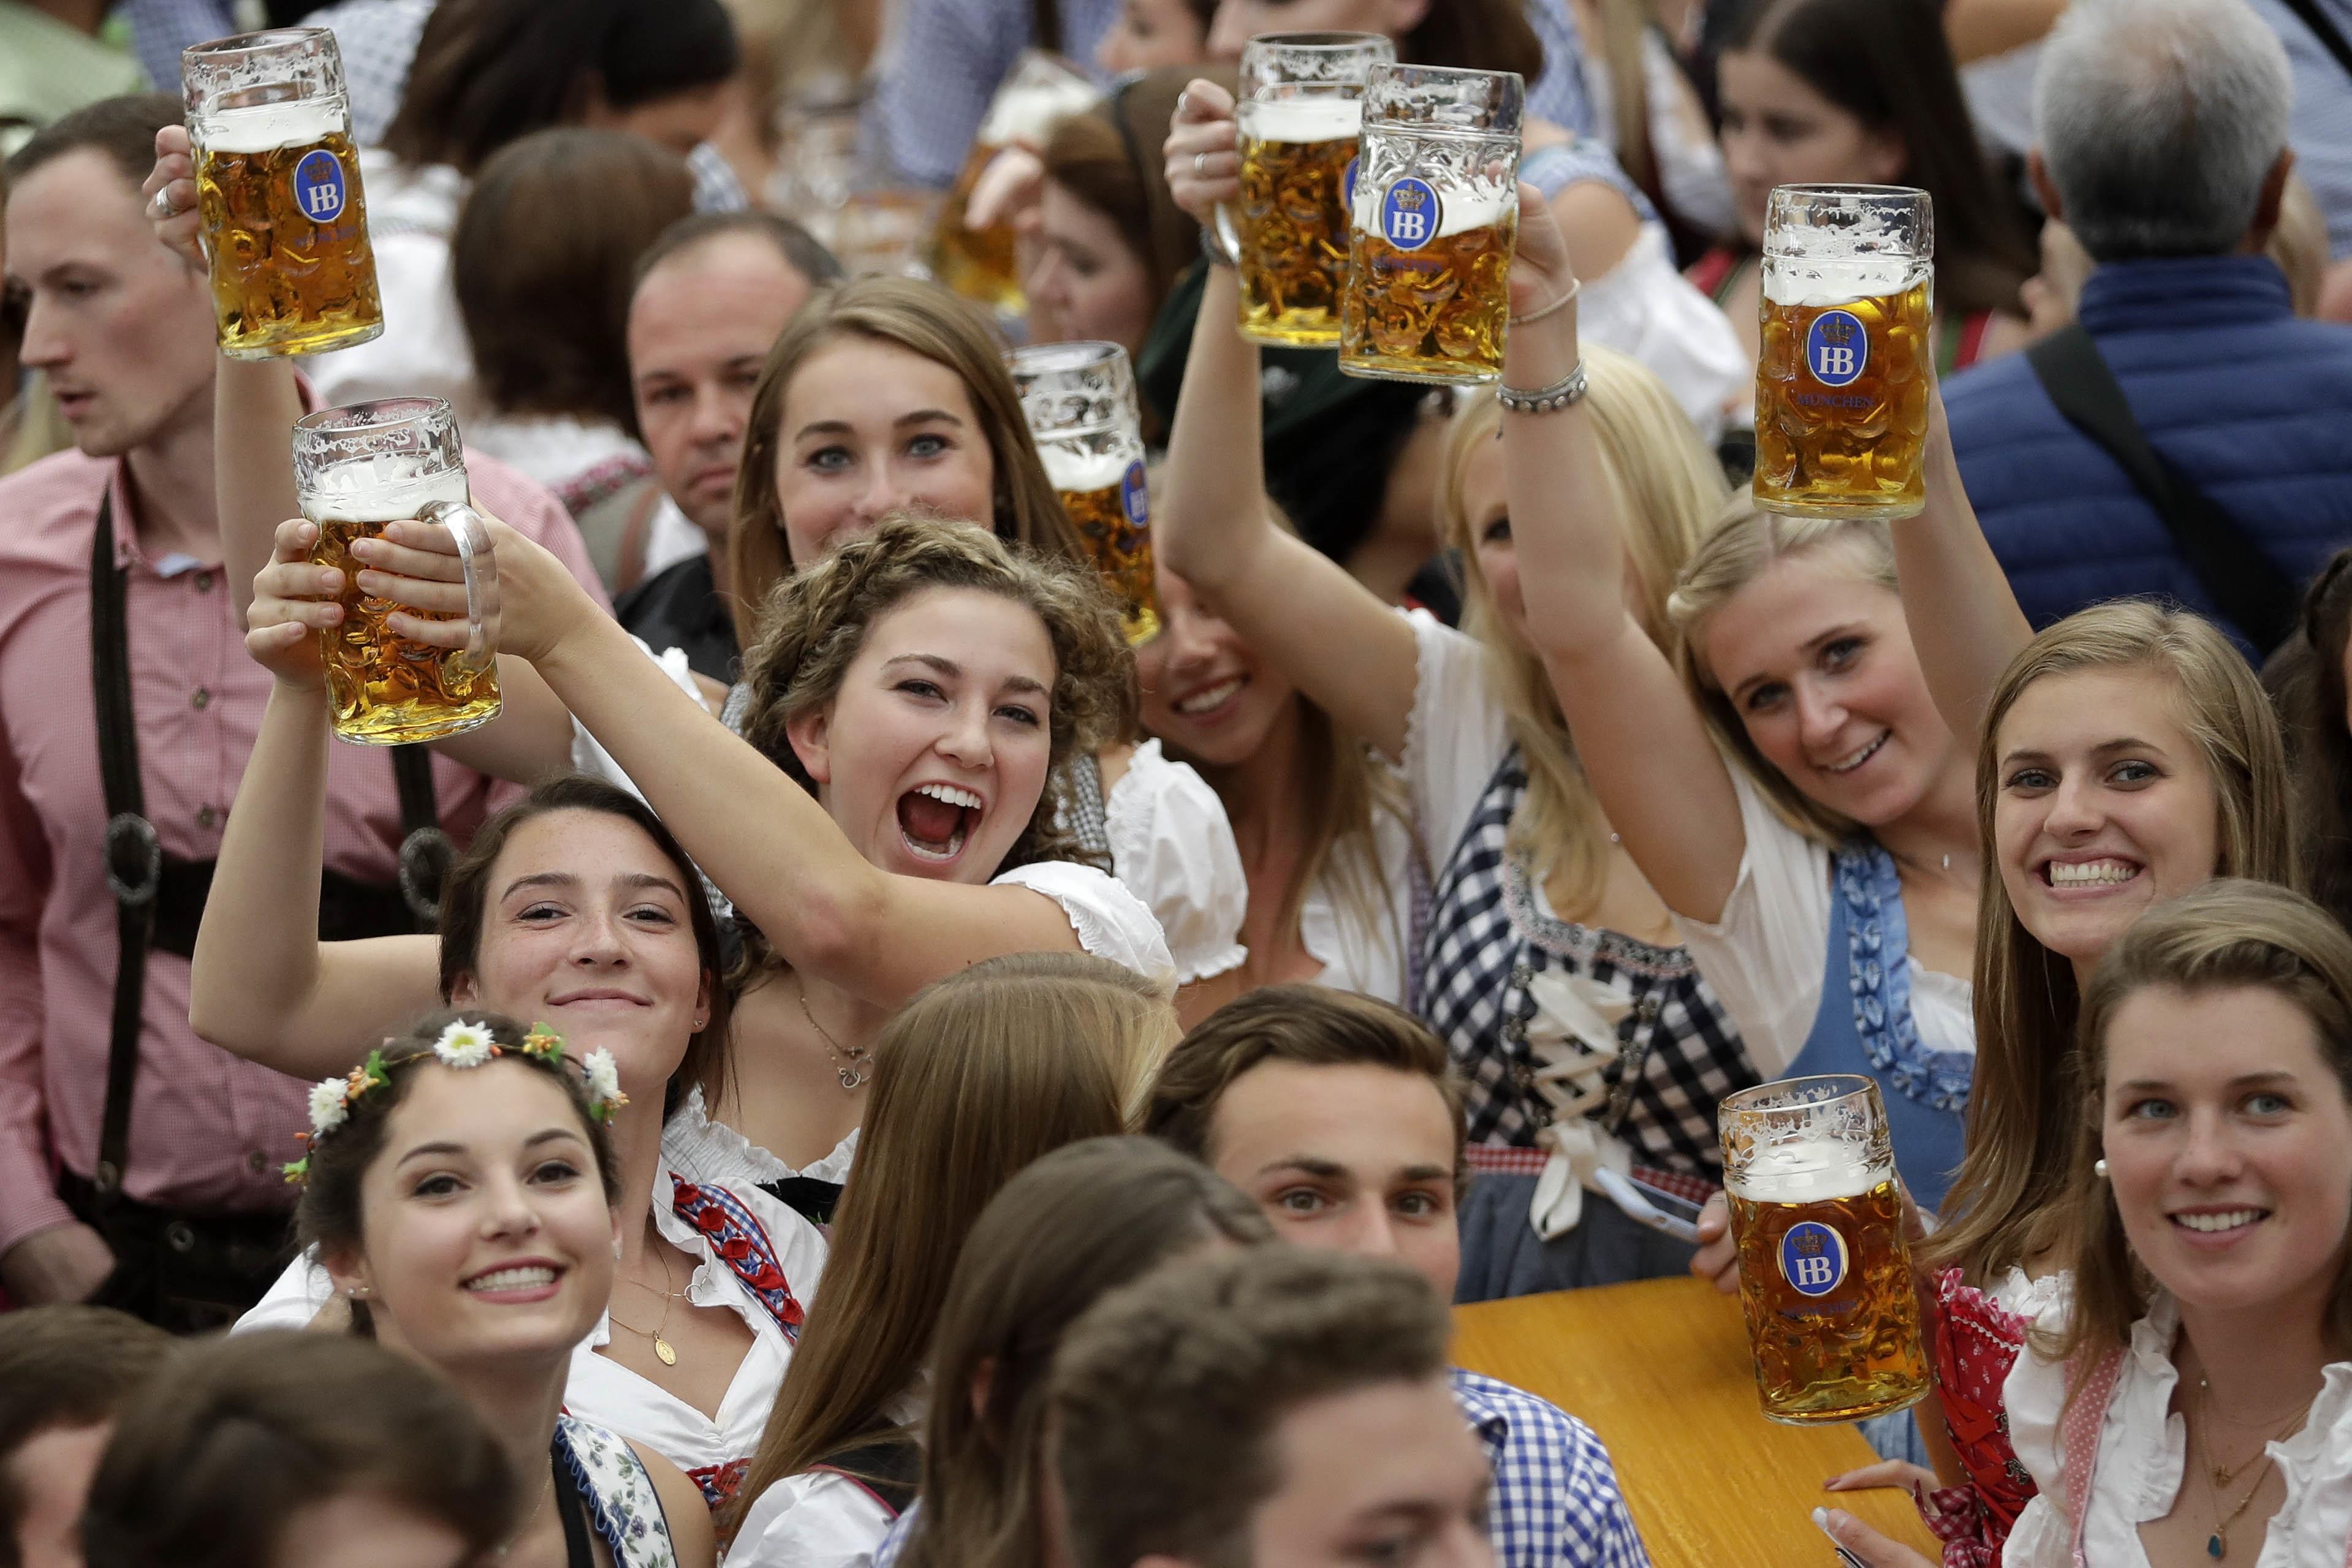 185ª Oktoberfest começa em Munique e espera receber 6 milhões de visitantes